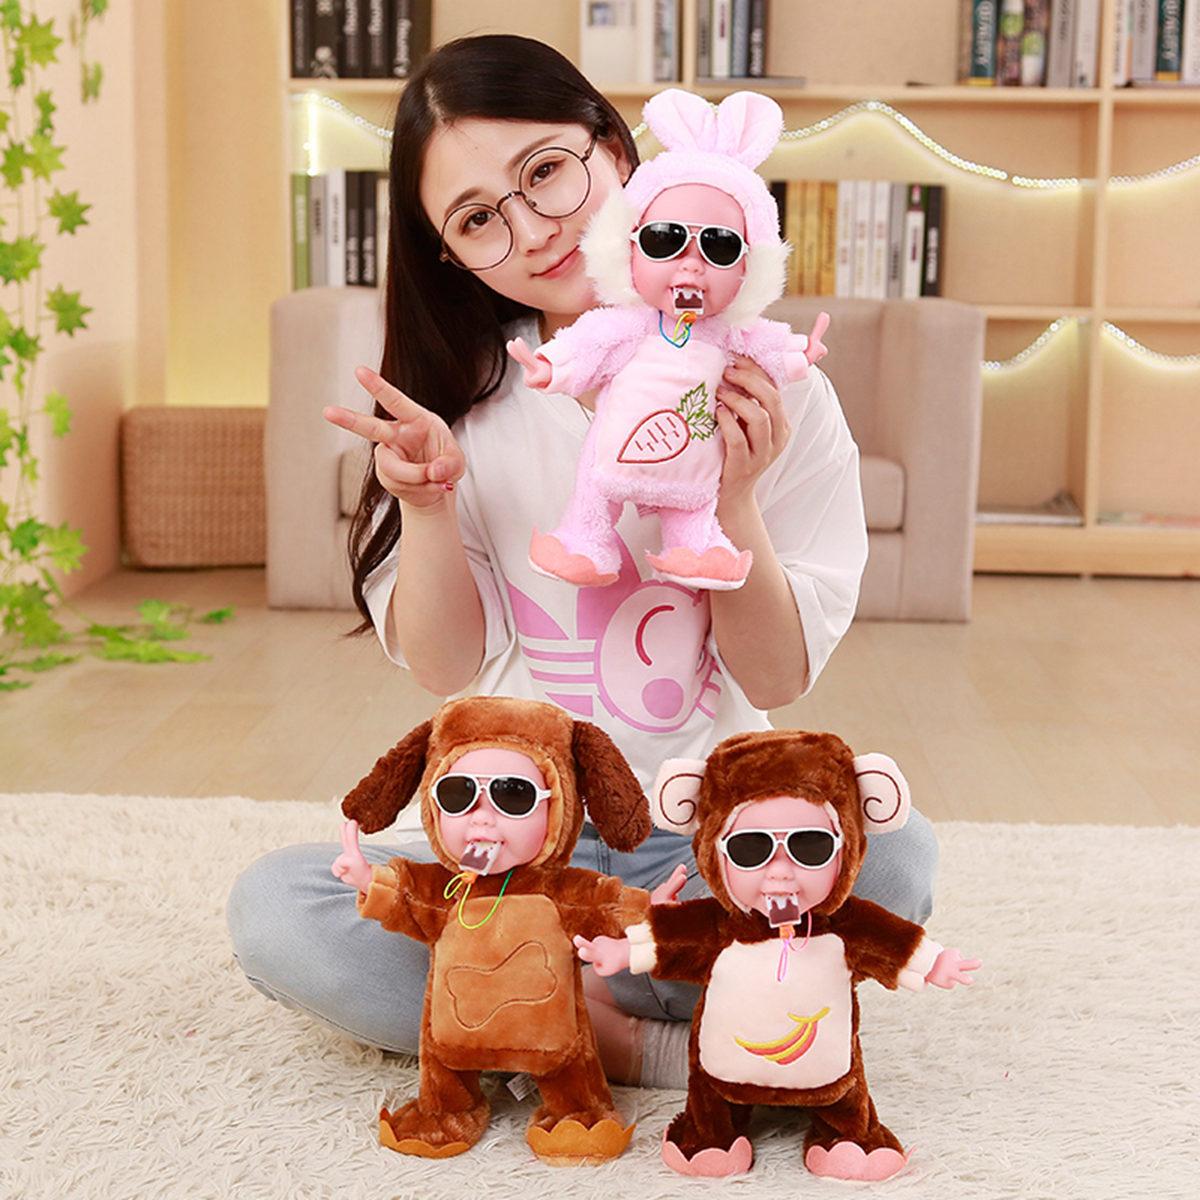 磁控冰淇淋娃娃电动毛绒玩具雪糕娃娃跳舞唱歌仿真声音笑声高兴